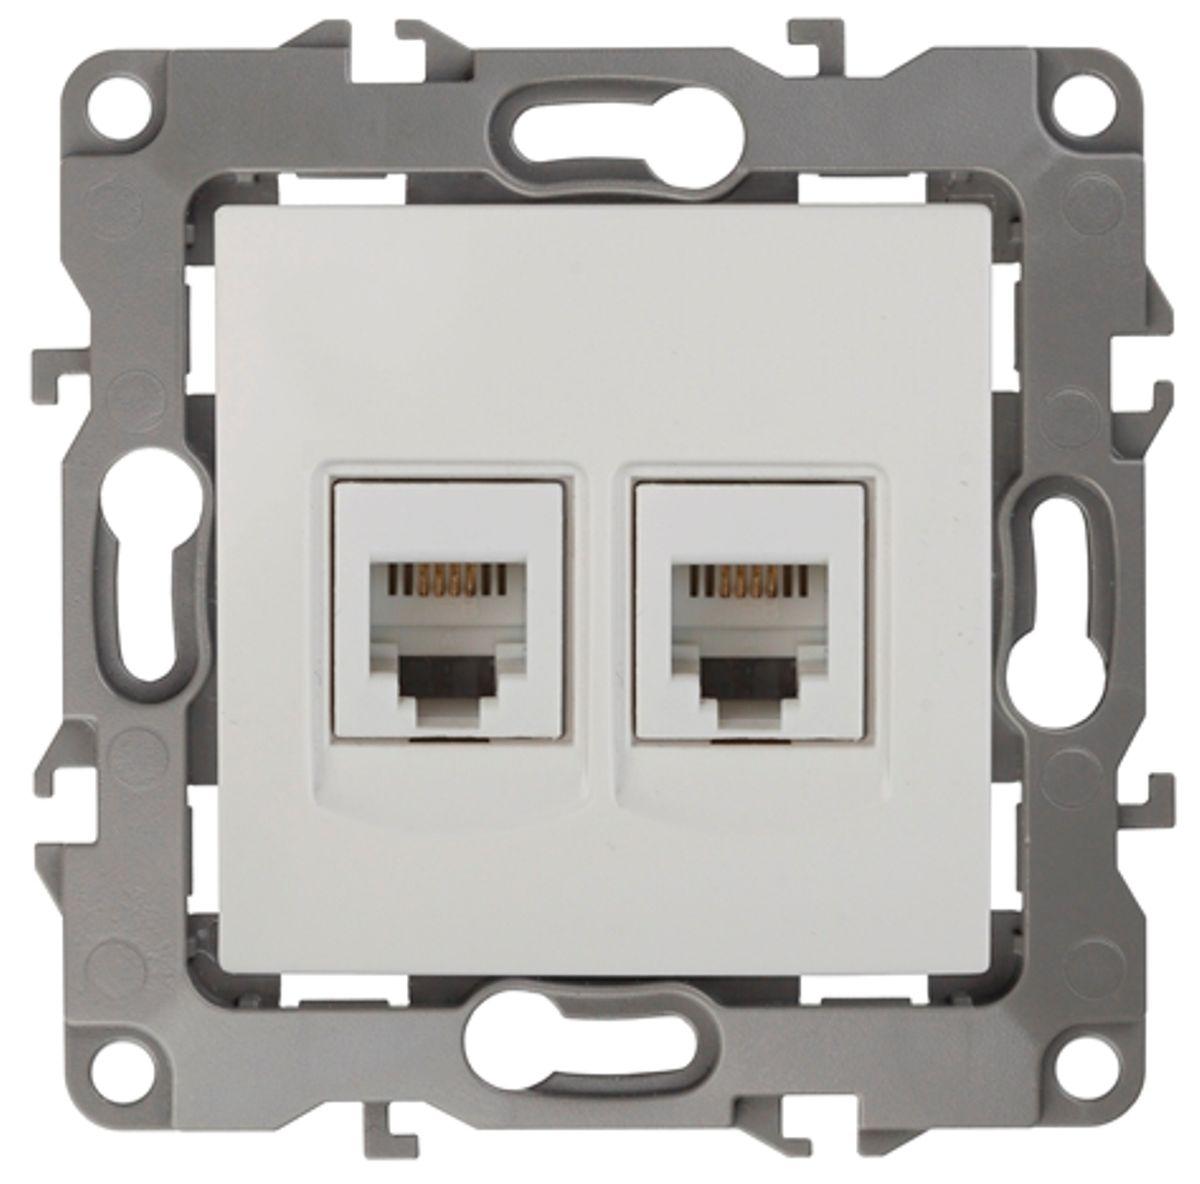 Розетка телефонная Эра, двойная, цвет: слоновая кость12-3106-02Телефонная розетка Эра скрытой установки рассчитана для двух модулей. Предназначена для установки в телекоммуникационных сетях и служит для подсоединения внешних устройств (телефон, факс и прочее). Автоматические зажимы кабеля обеспечивают быстрый и надежный монтаж изделия к электросети без отвертки и не требуют обслуживания в отличие от винтовых зажимов.